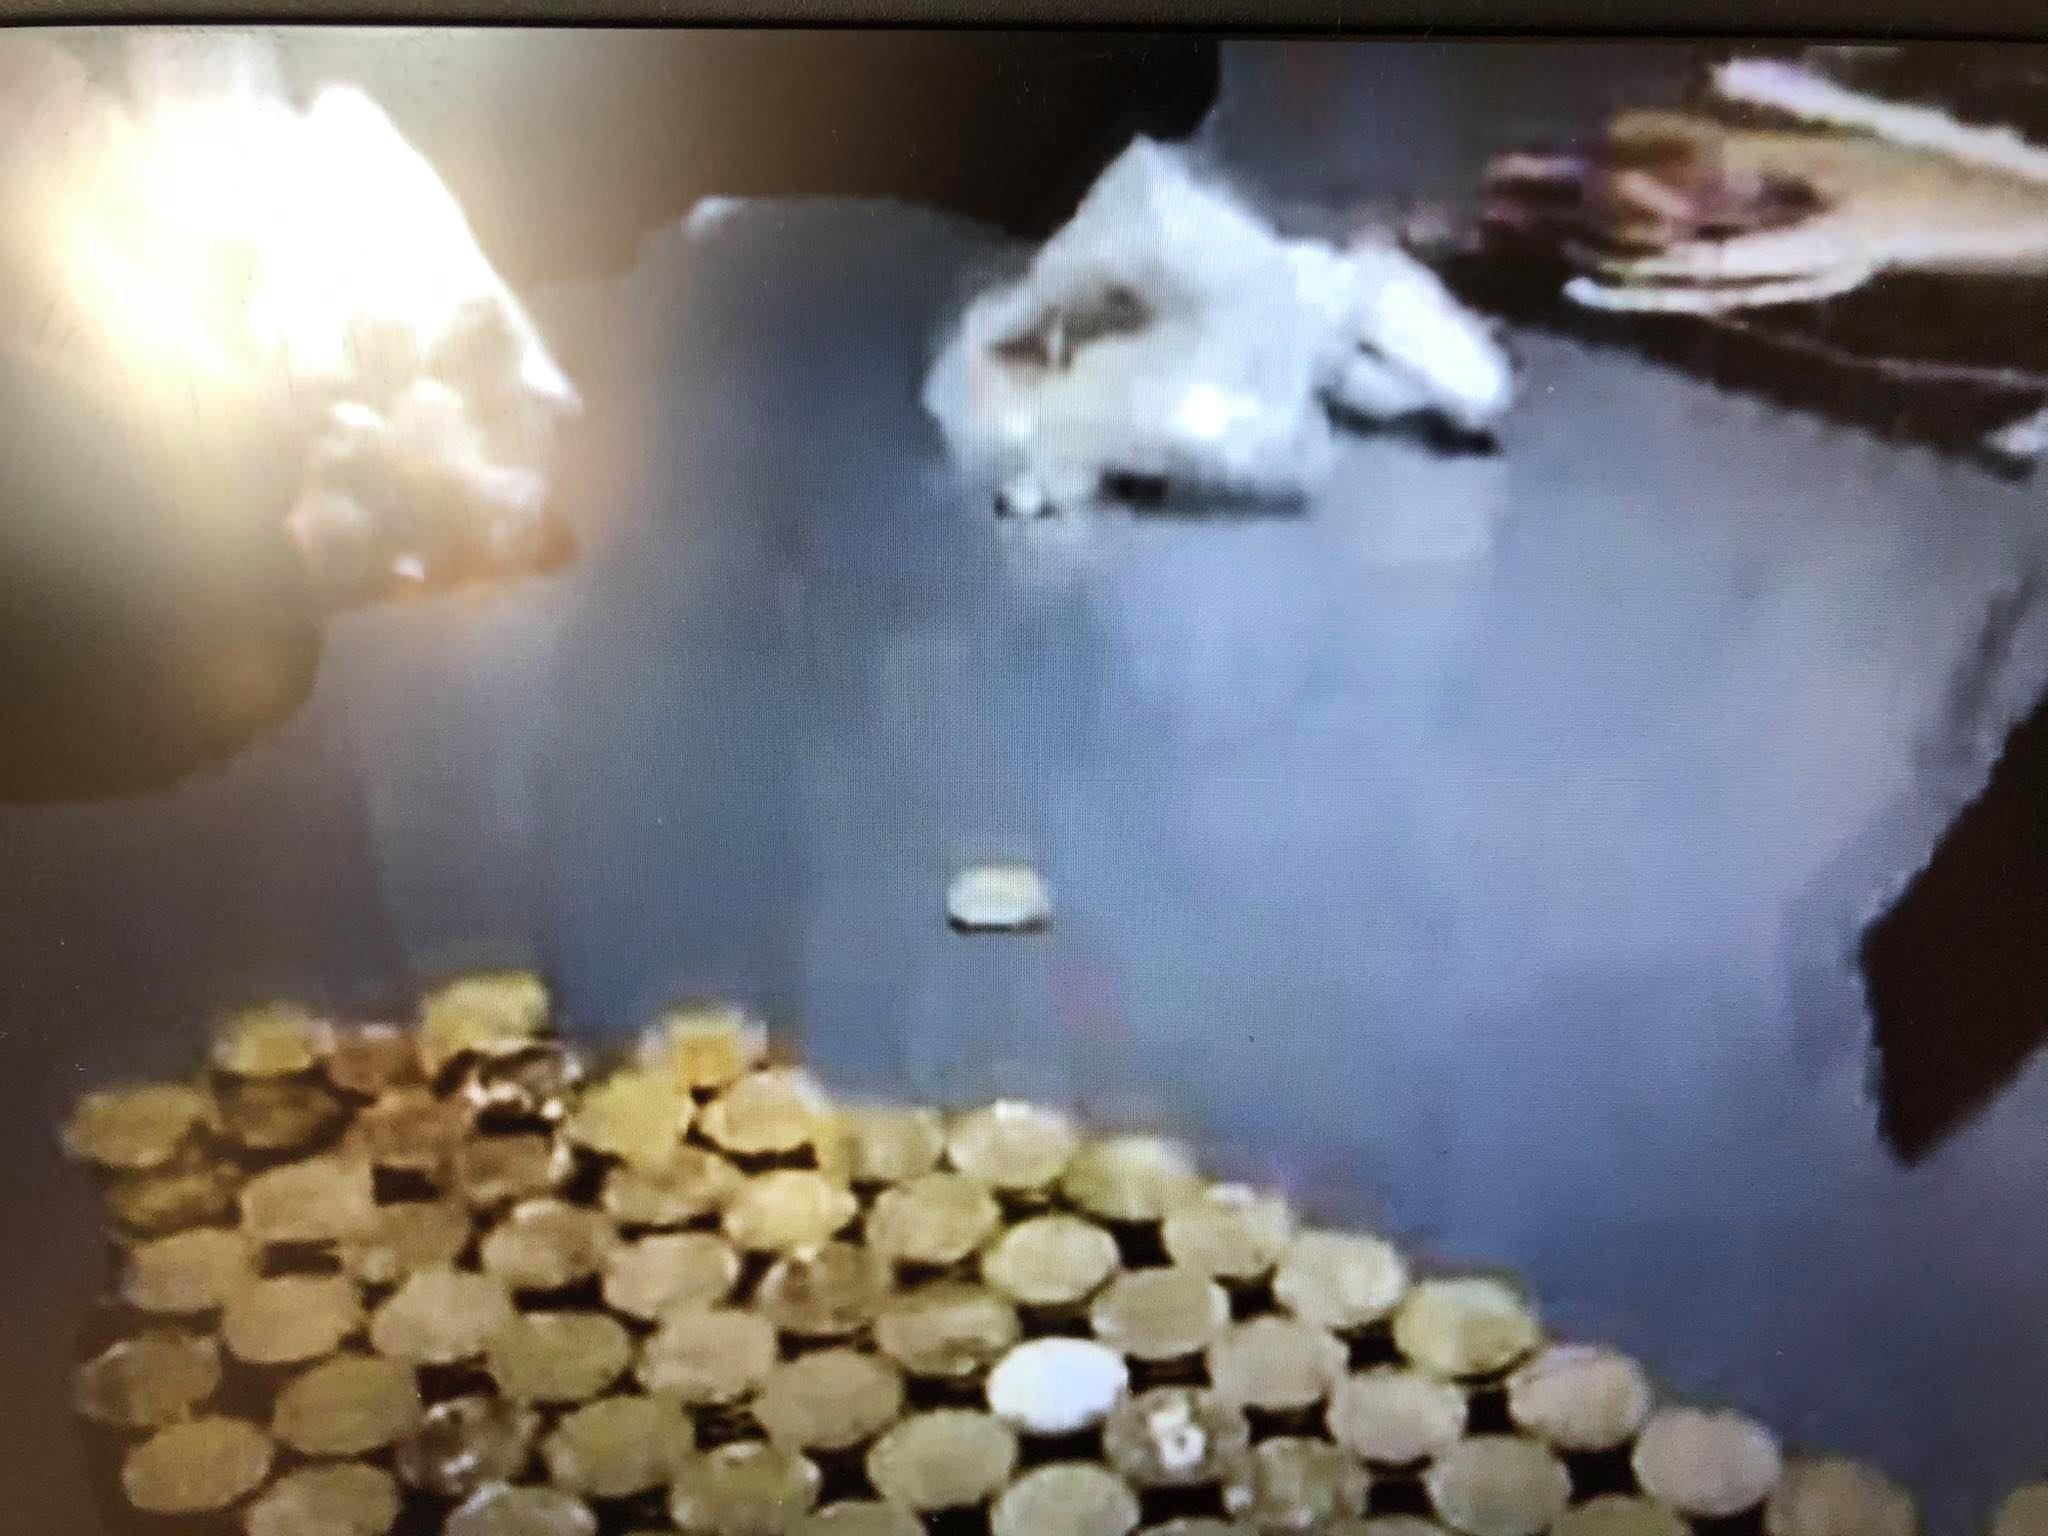 Chiny zapłacił za BMW w monetach